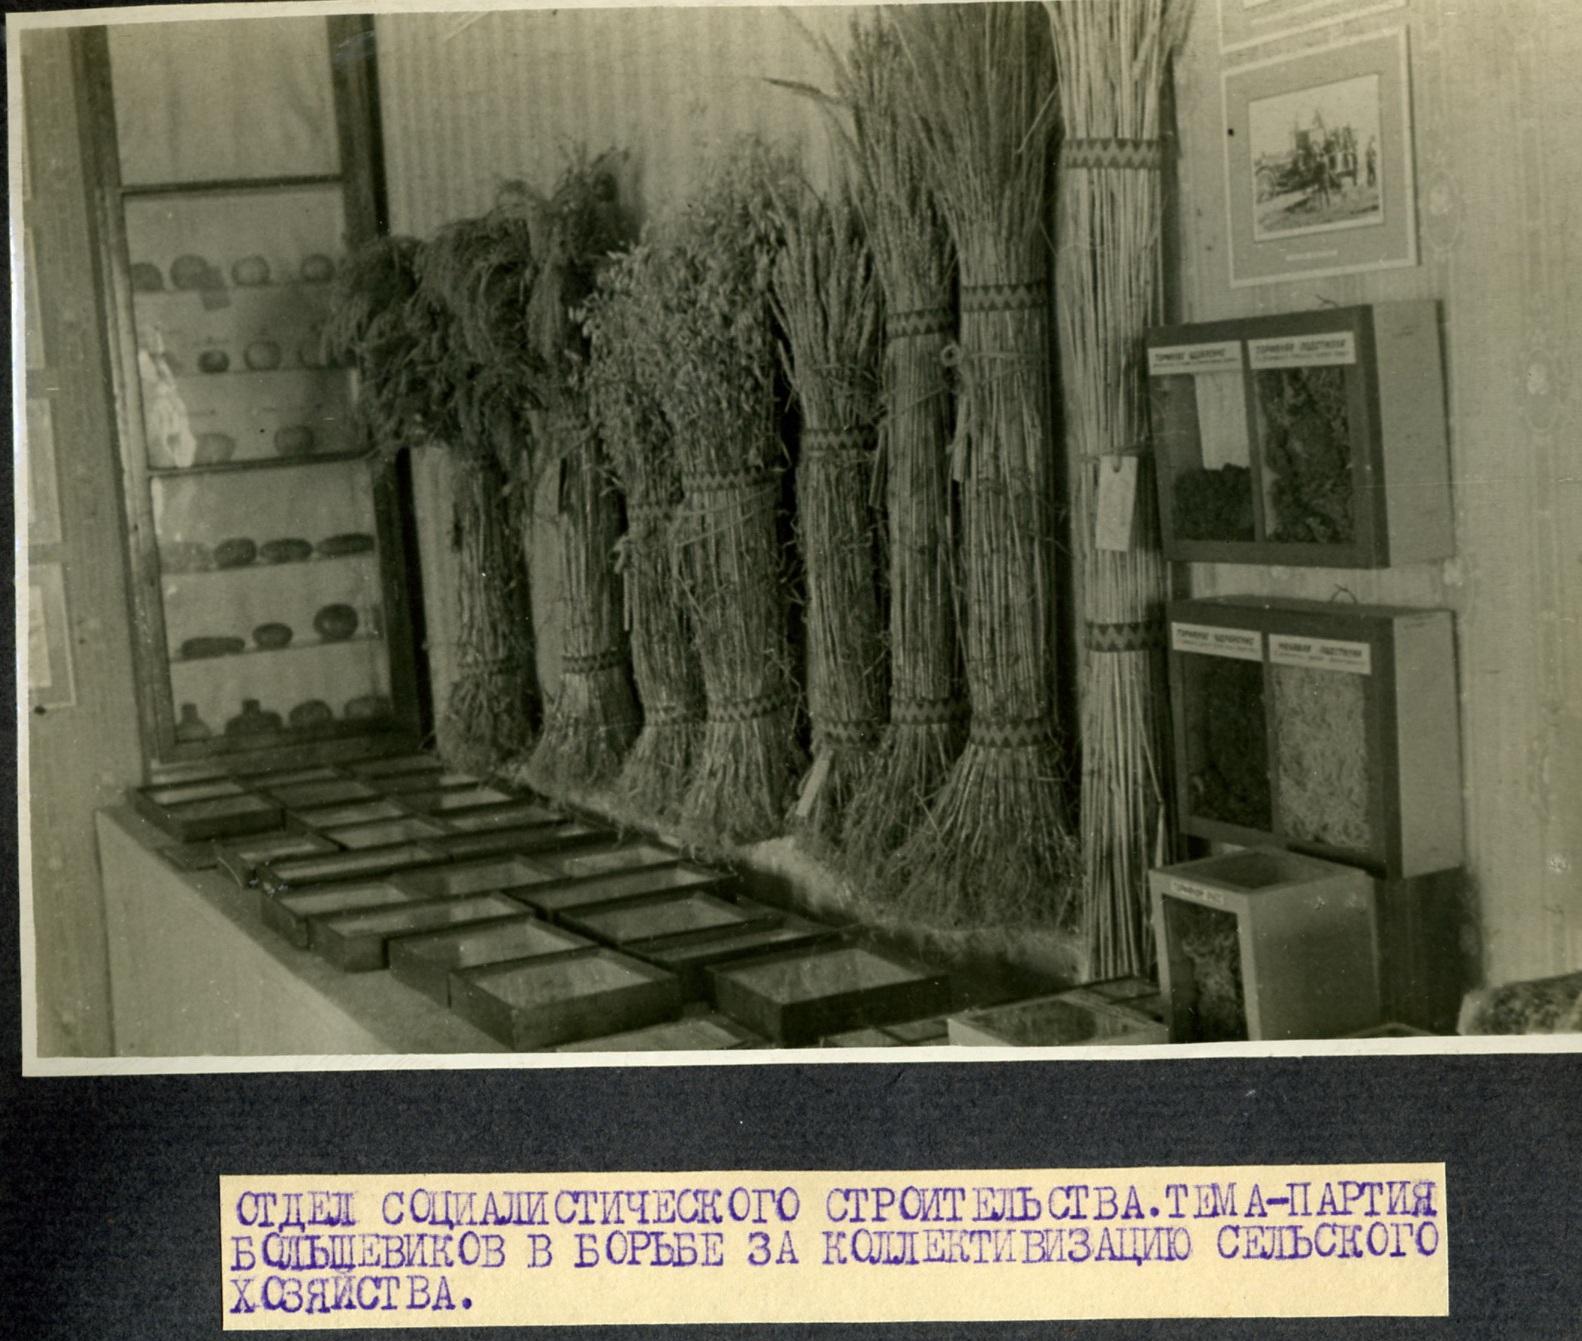 Экспозиции музея. 1941 год.